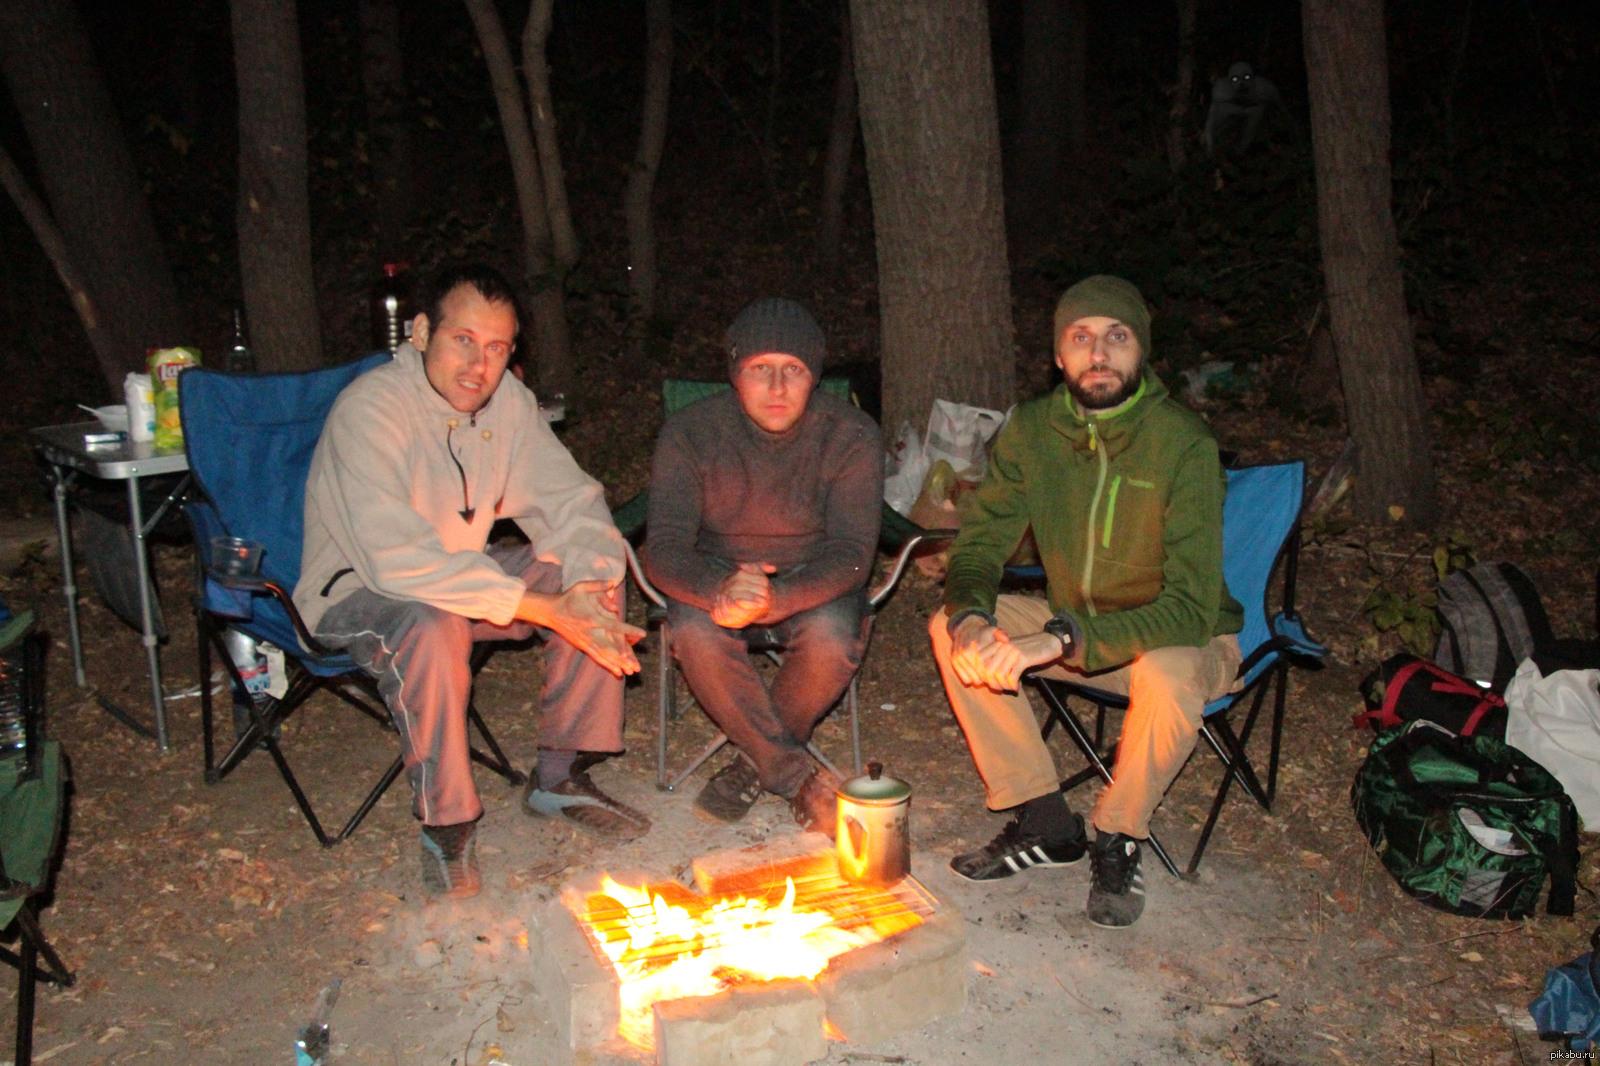 Секс групповой в лесу фото, Три худенькие молодухи раздеваются в лесу секс фото 10 фотография